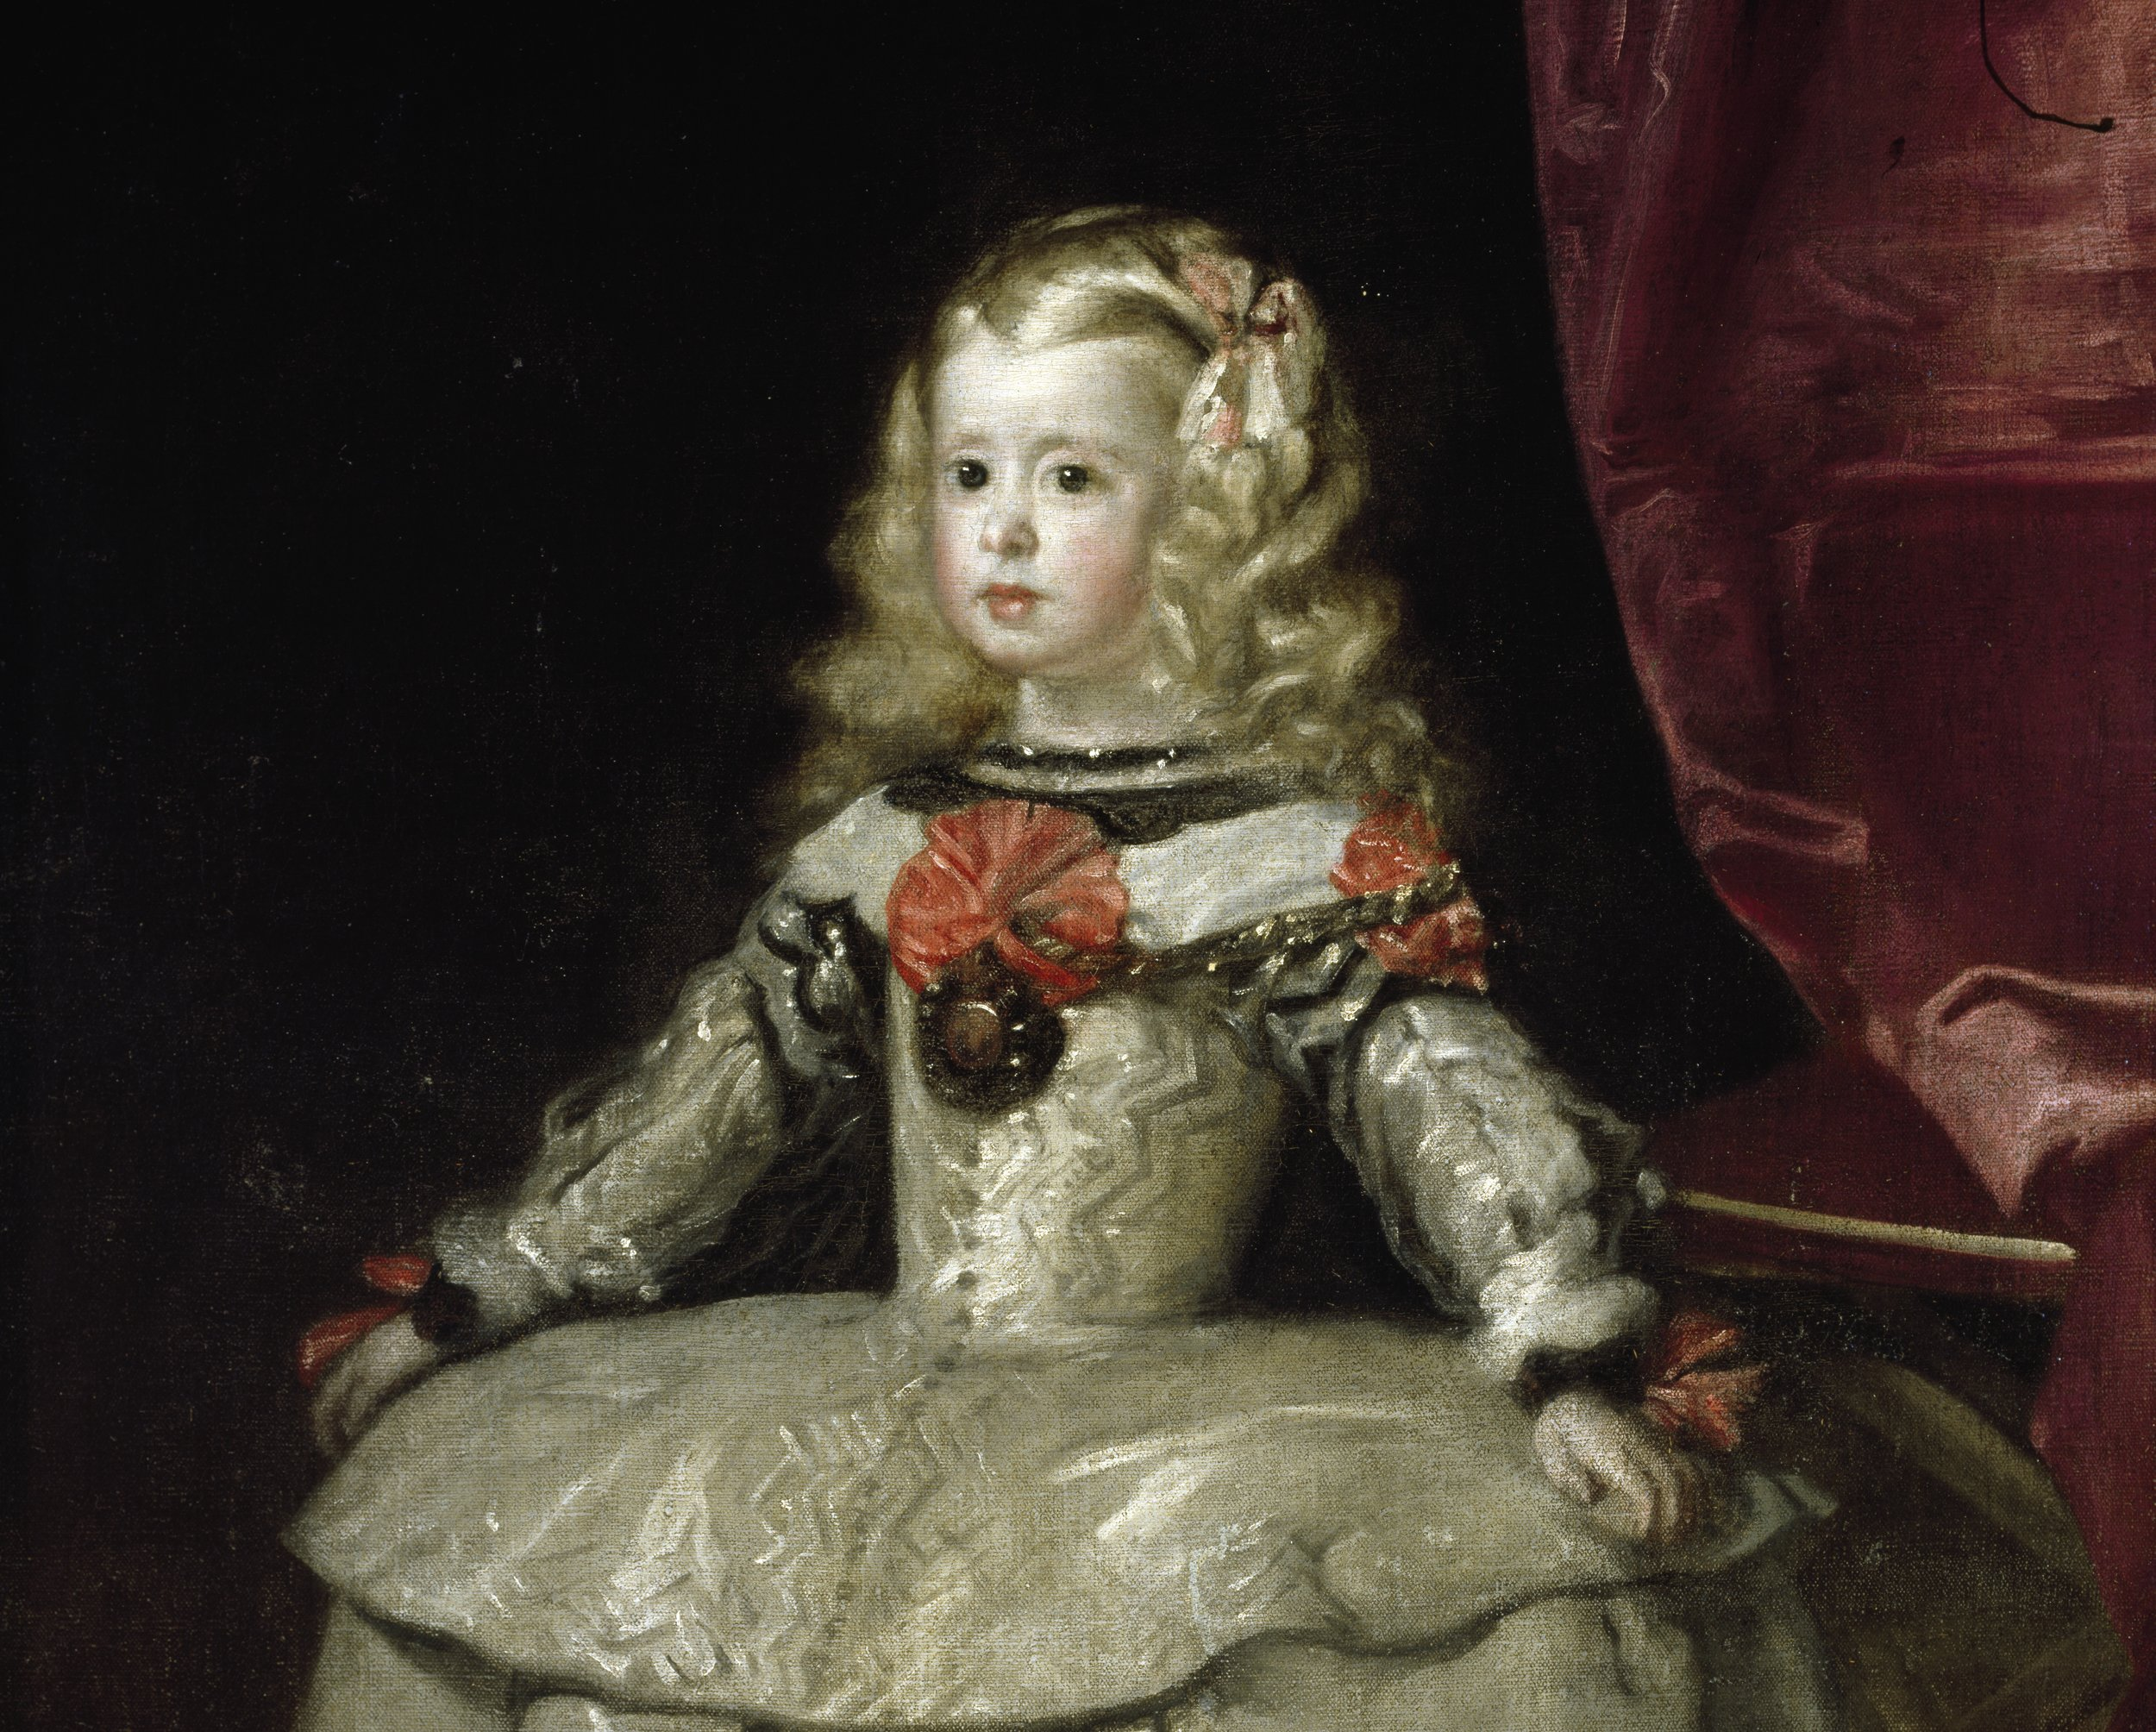 Attributed to Diego Rodríguez de Silva y Velázquez,  Doña Margarita Teresa, Infanta of Spain,  c. 1656